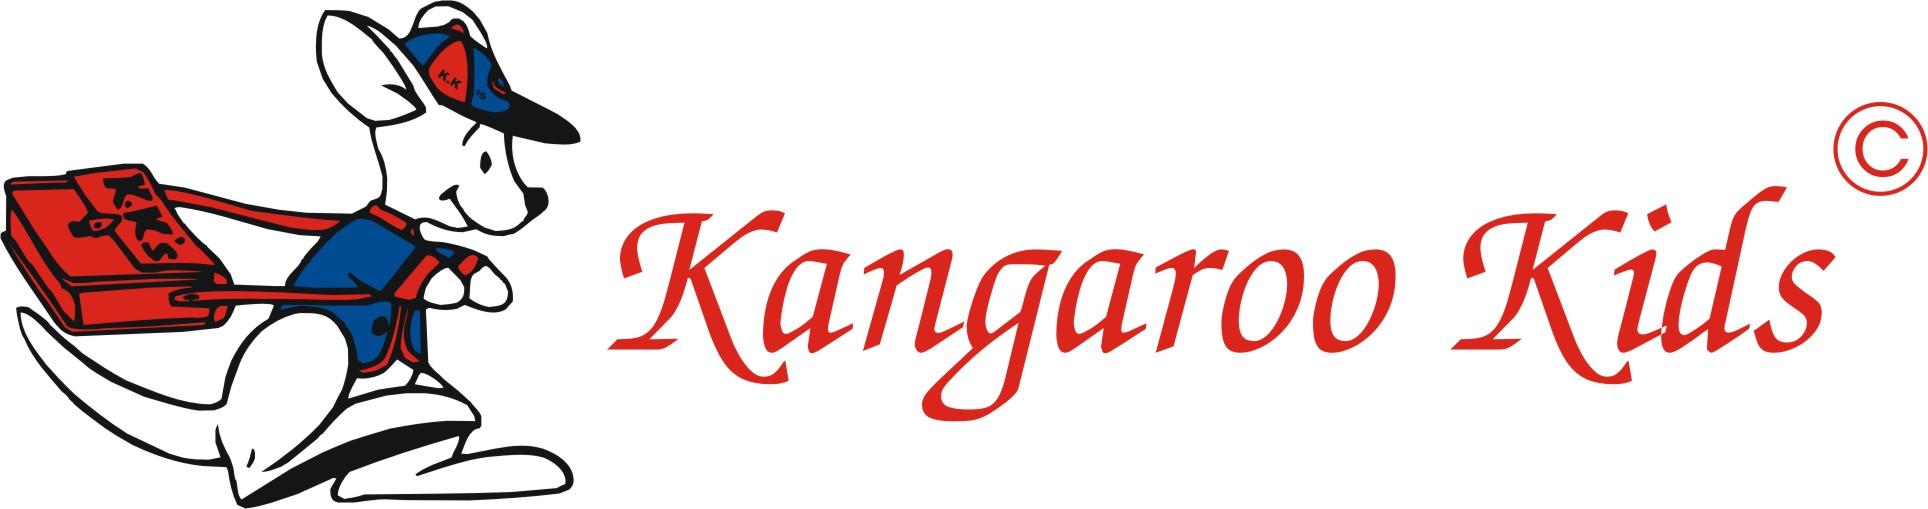 Kangaroo Kids - Juhu - Mumbai Image